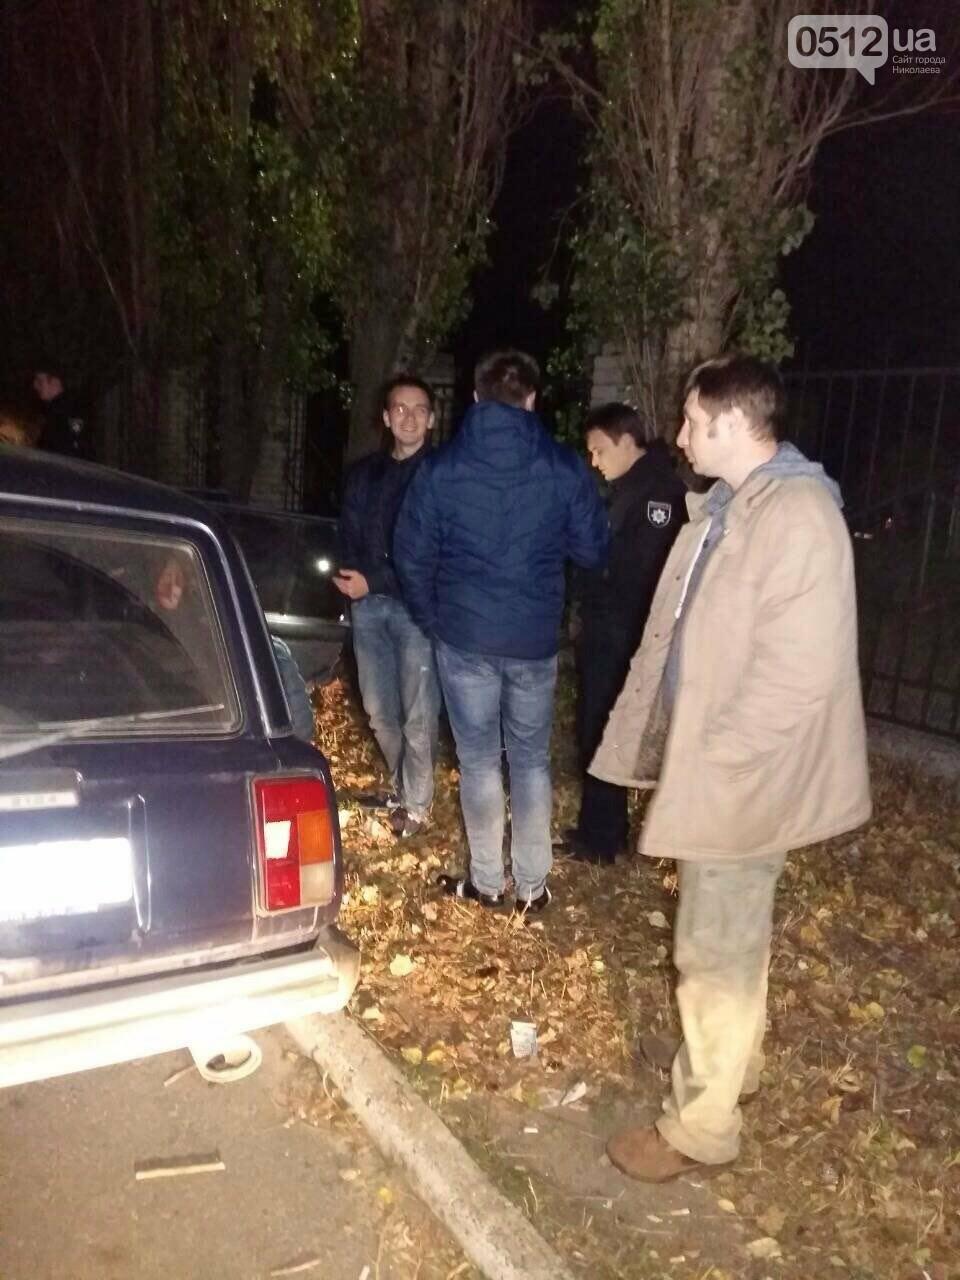 Ночью в Николаеве трое мужчин напали и ограбили снимавшего сюжет журналиста (ФОТО, ВИДЕО), фото-10